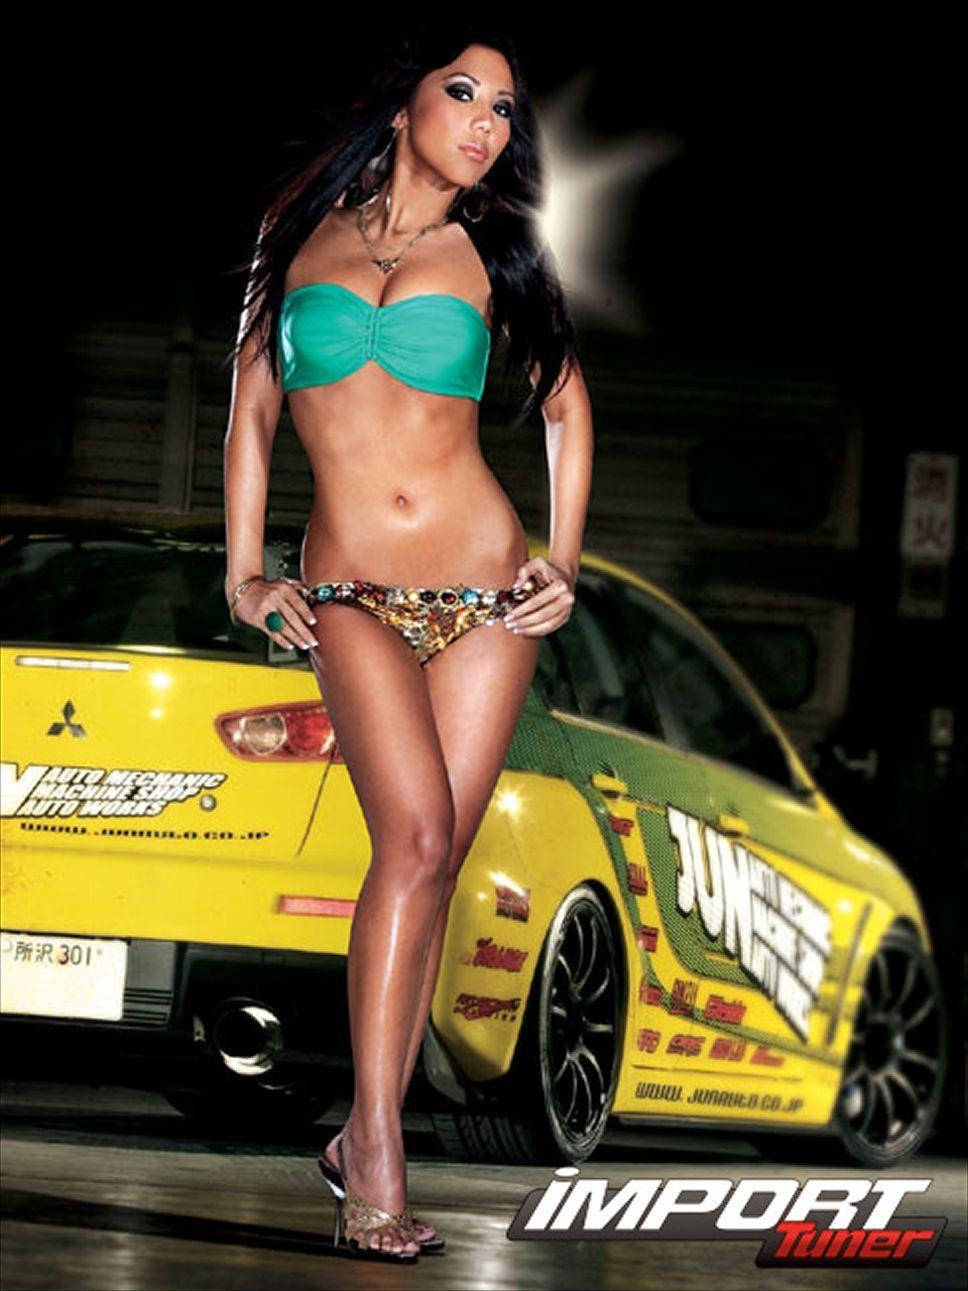 Model Cars Magazine >> Nicolette Lacson | Nicolette Lacson | Pinterest | Cars